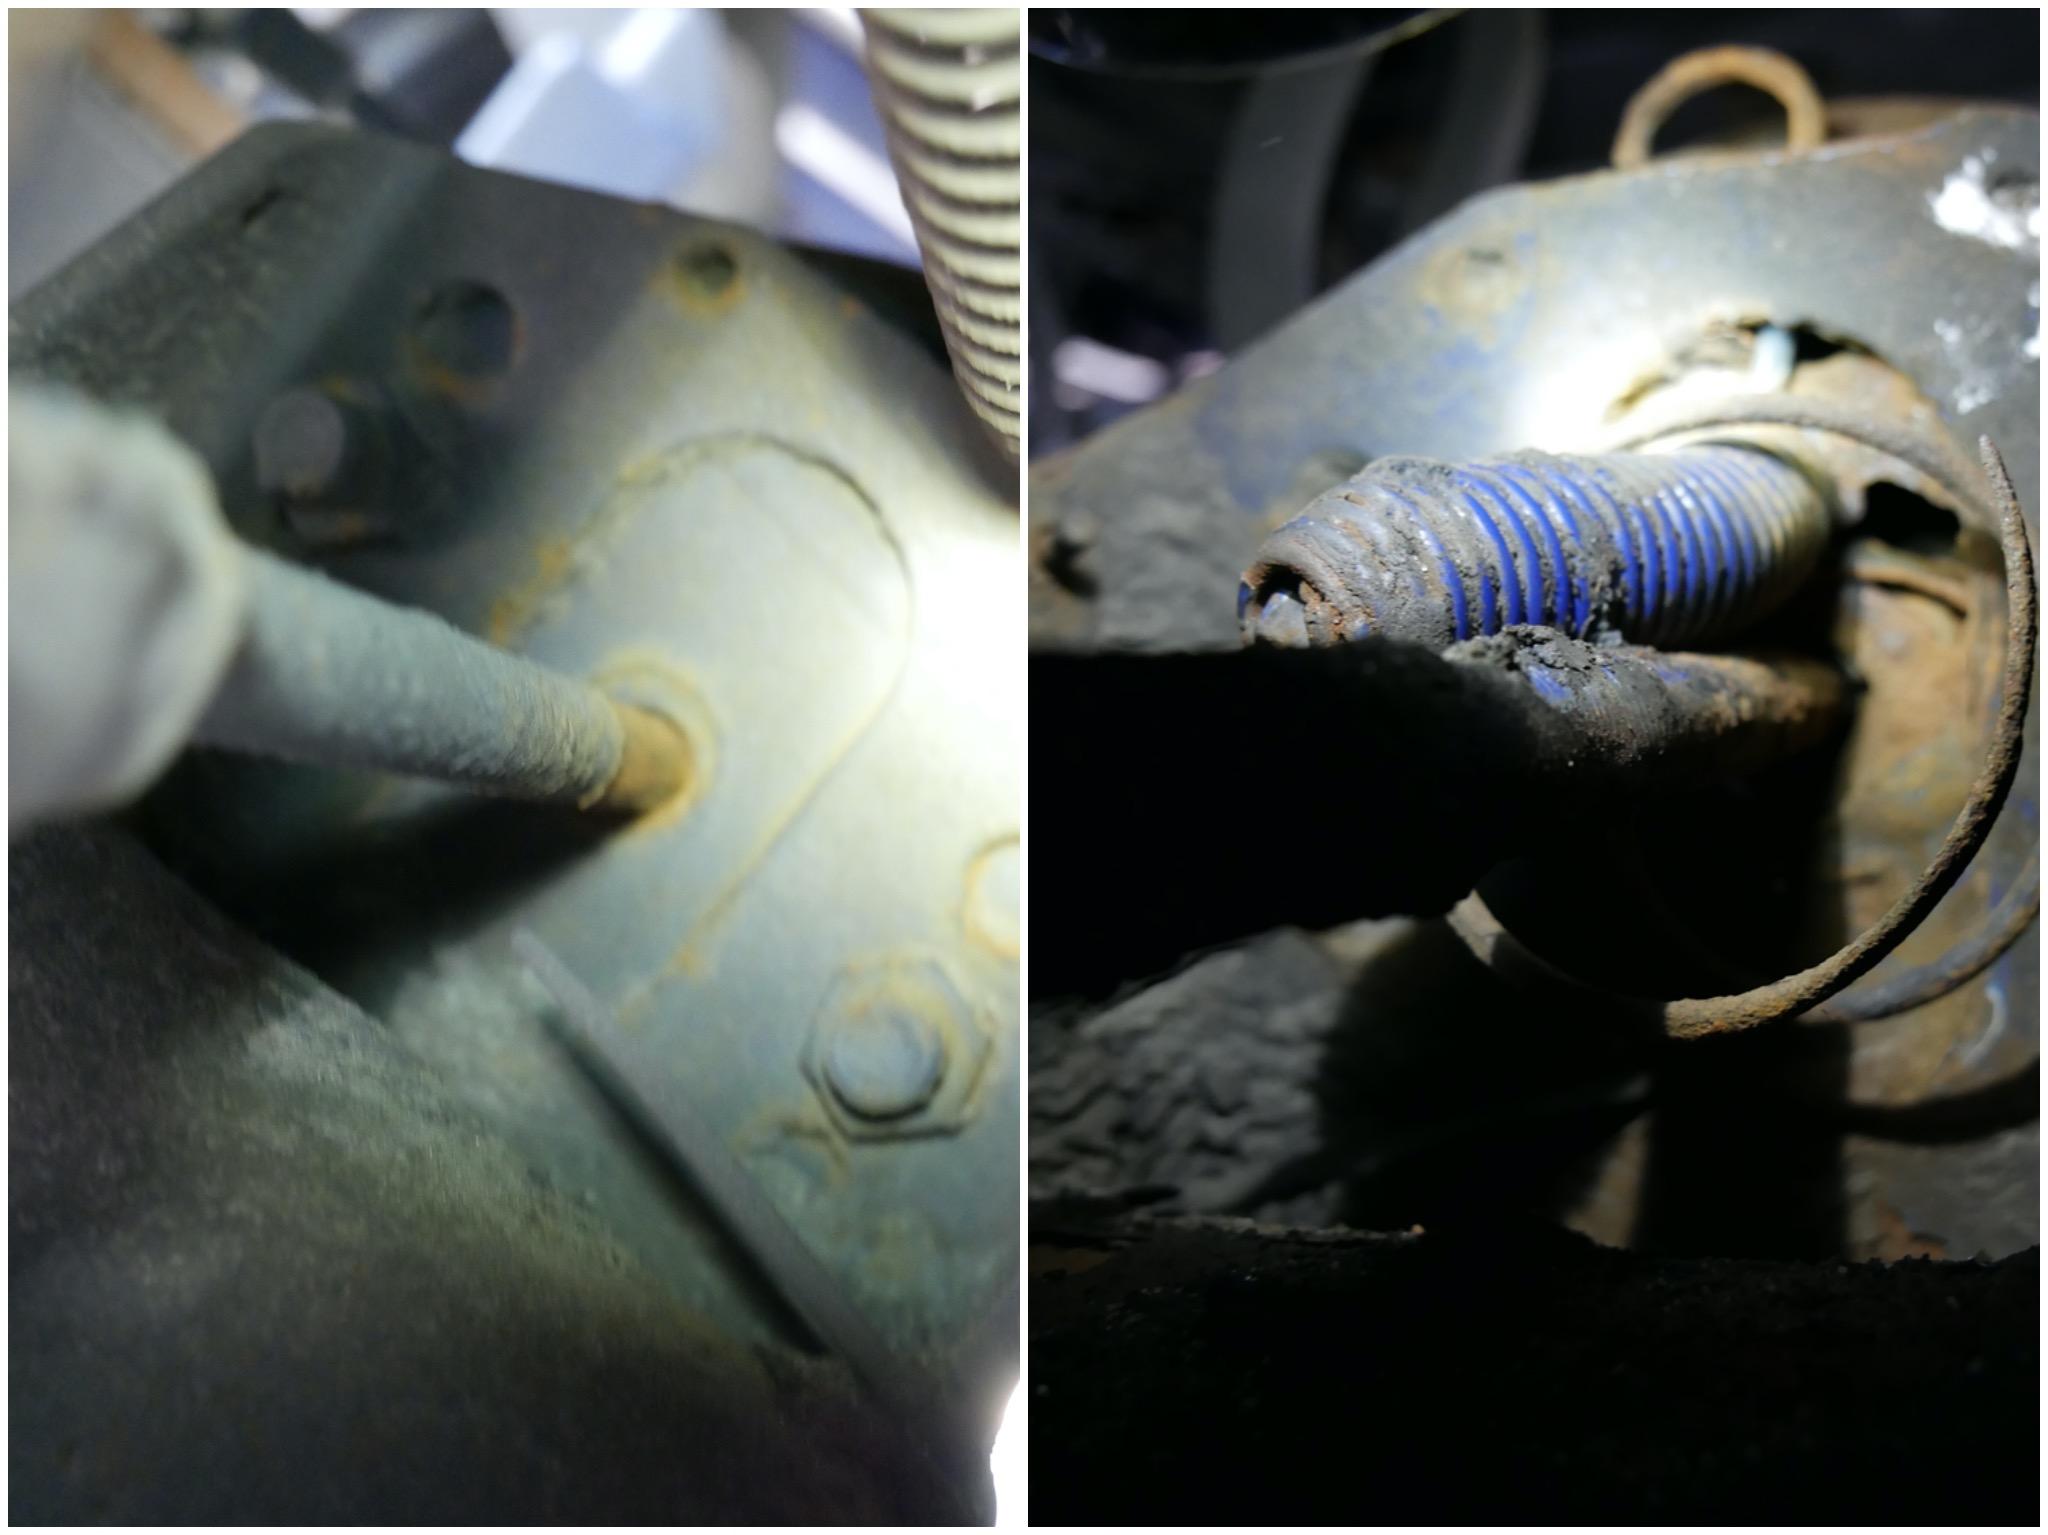 Ein nicht zu beanstandender Bremszylinder (links) und der durchgerostete Bremszylinder. Fotos: Polizei